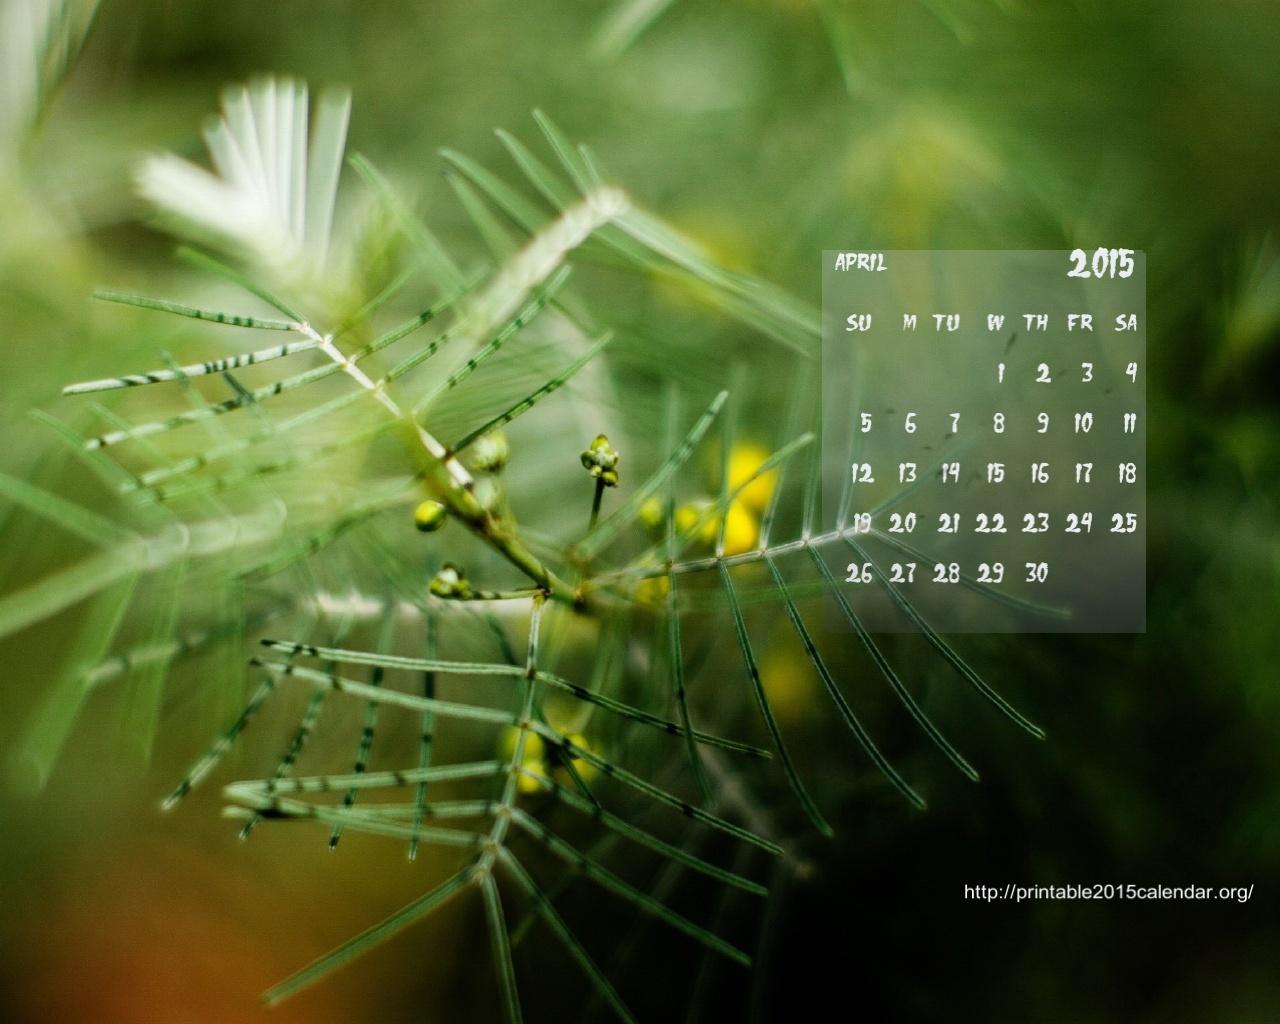 2015 Monthly Calendar Wallpaper 2015 Calendar 1280x1024